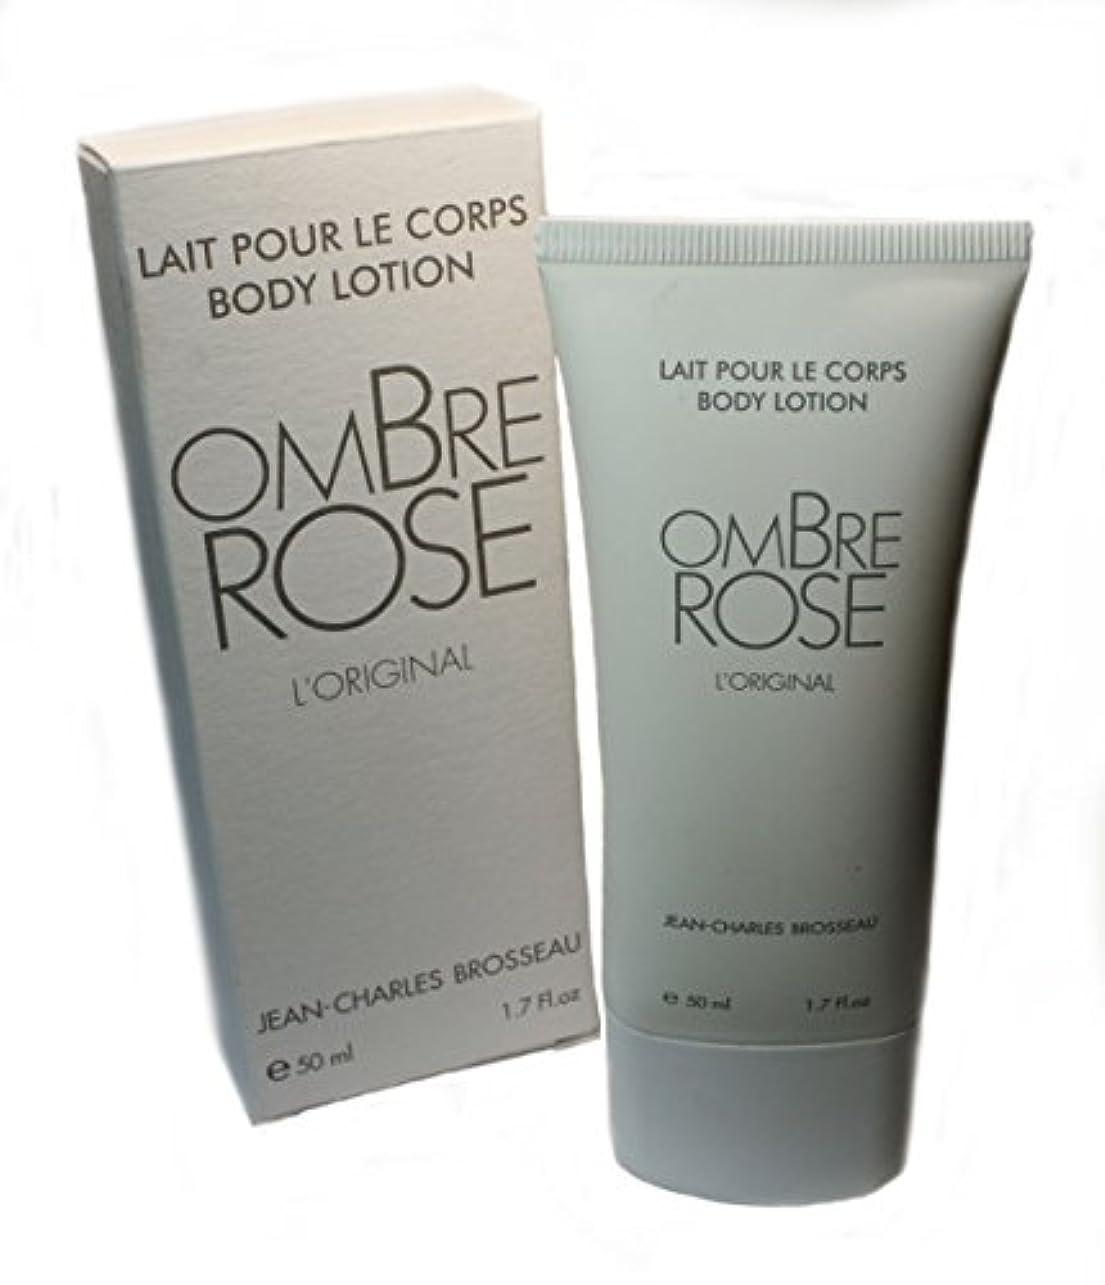 回想暴力温度Jean-Charles Brosseau Ombre Rose L'Original Body Lotion(ジャン シャルル ブロッソー オンブル ローズ オリジナル ボディーローション)50ml